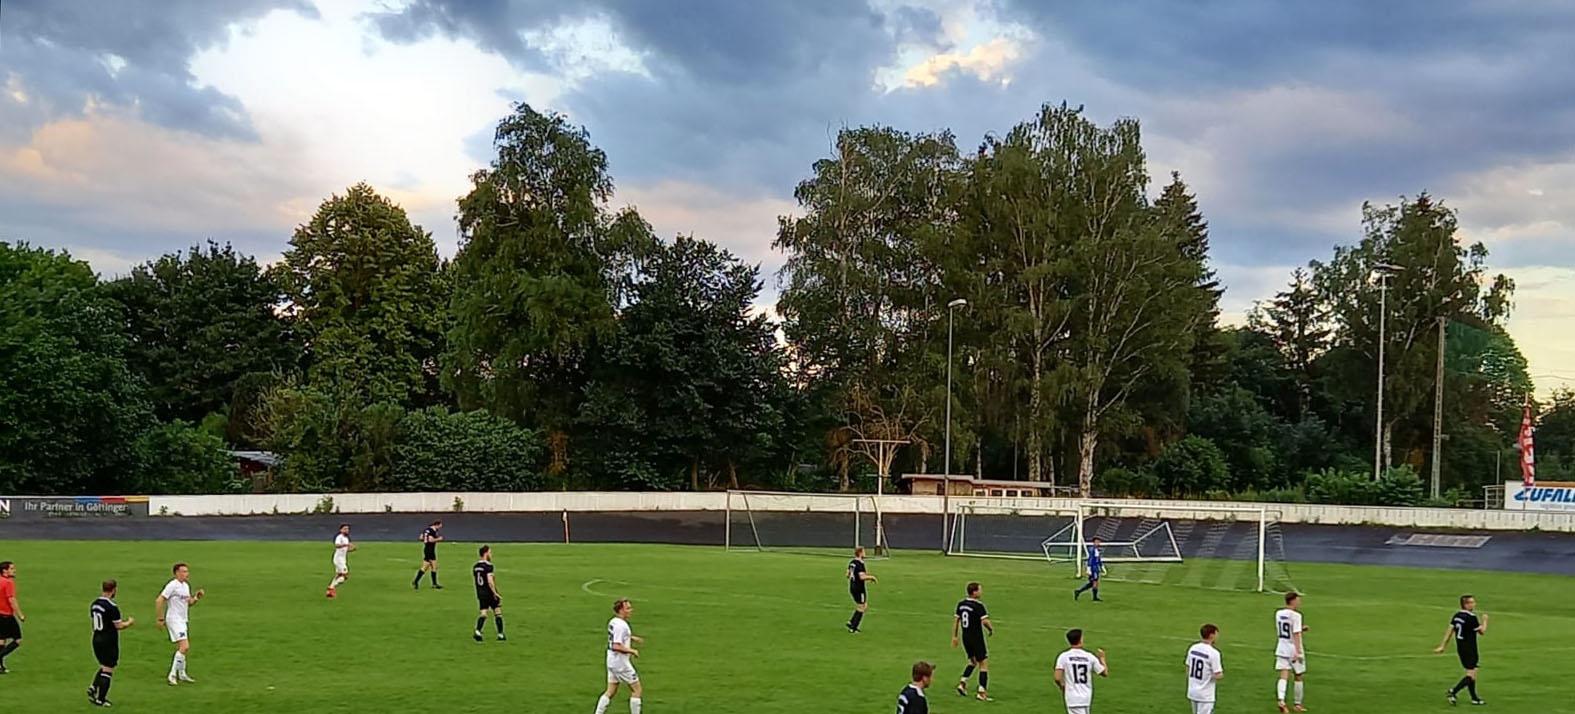 16. Sparkasse Göttingen CUP 2021